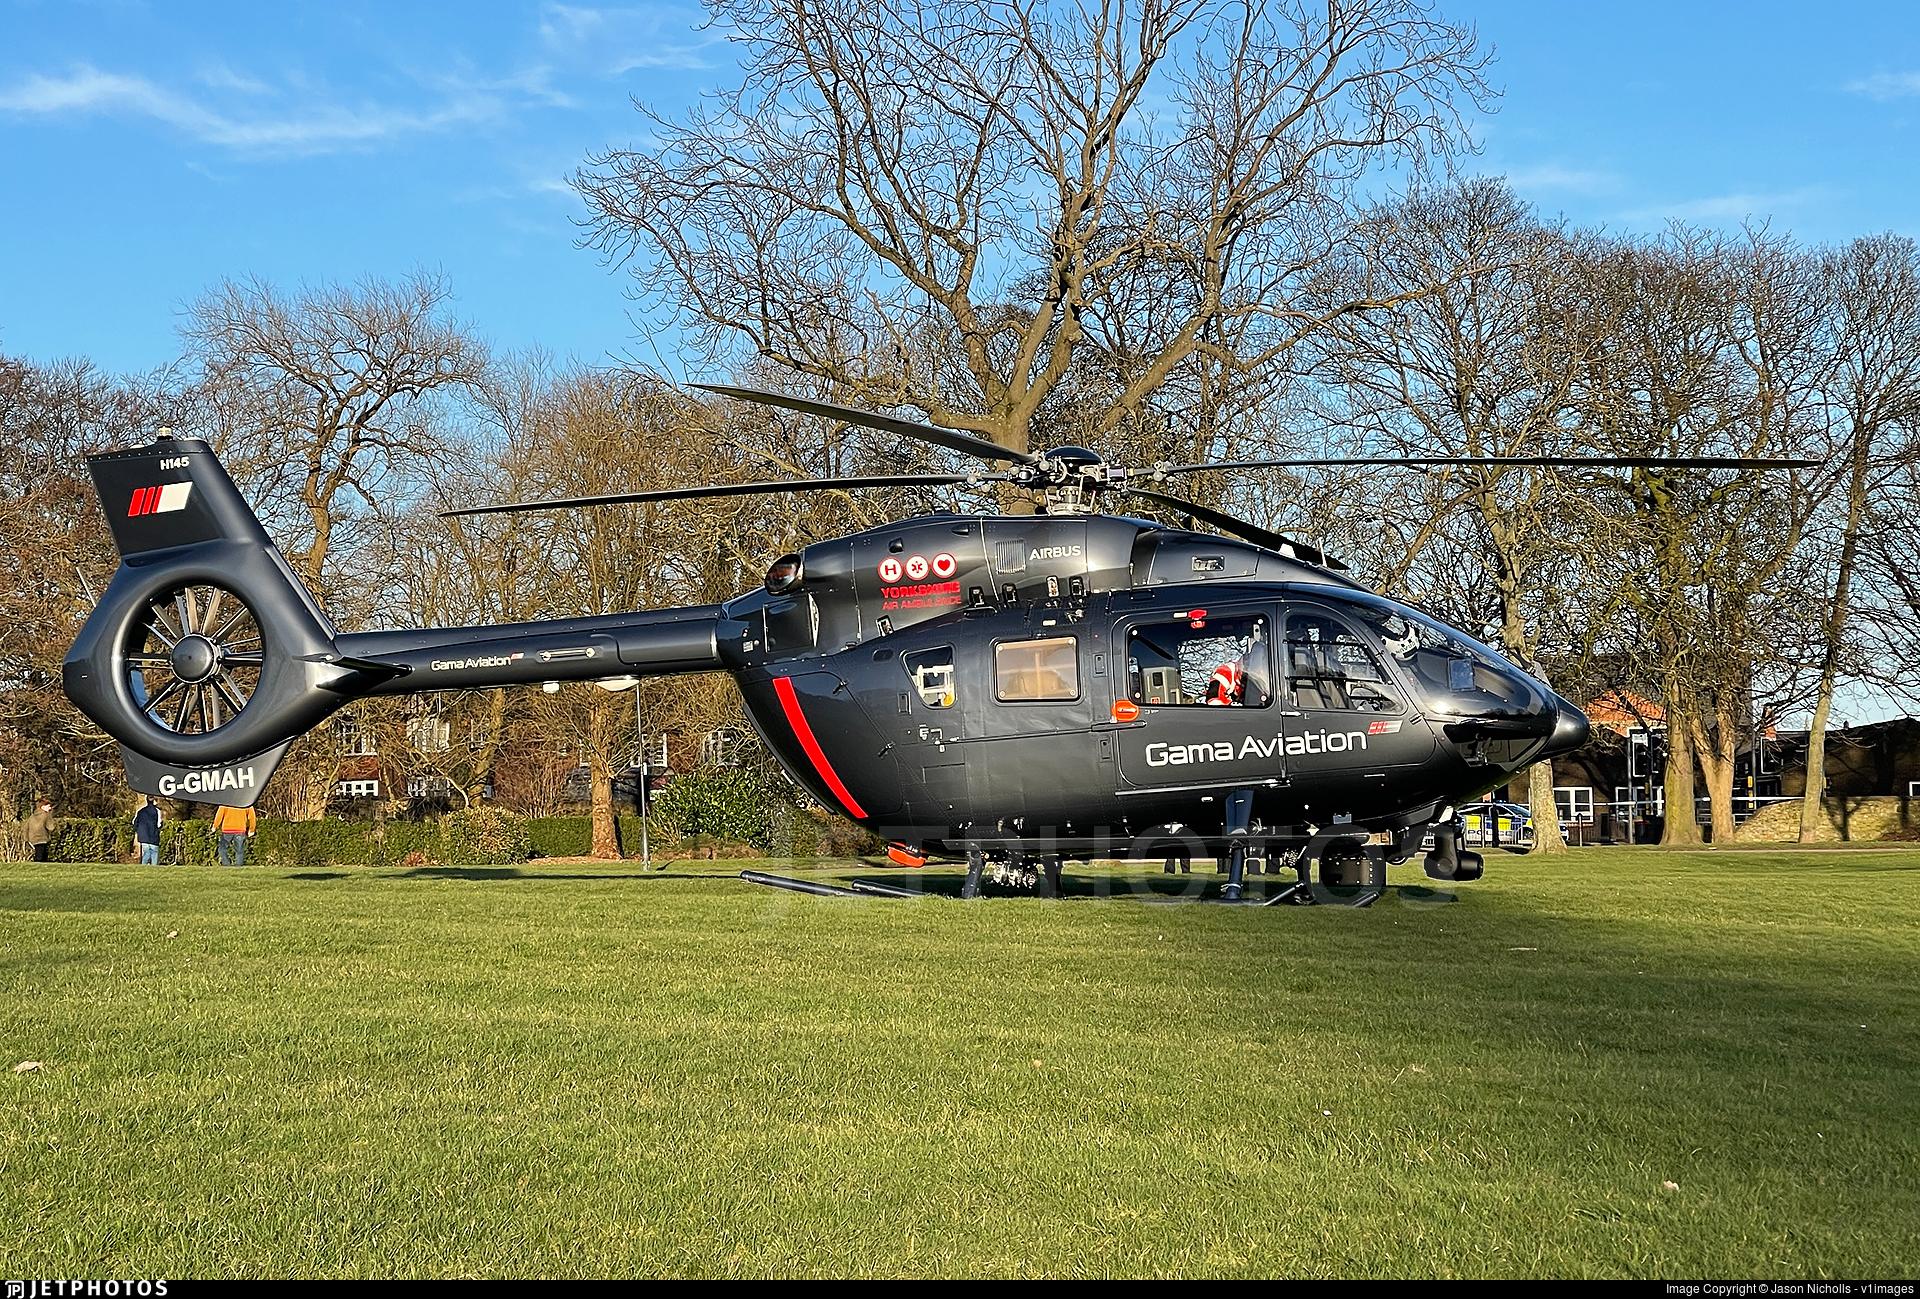 G-GMAH - Eurocopter EC 145T2 - Gama Aviation